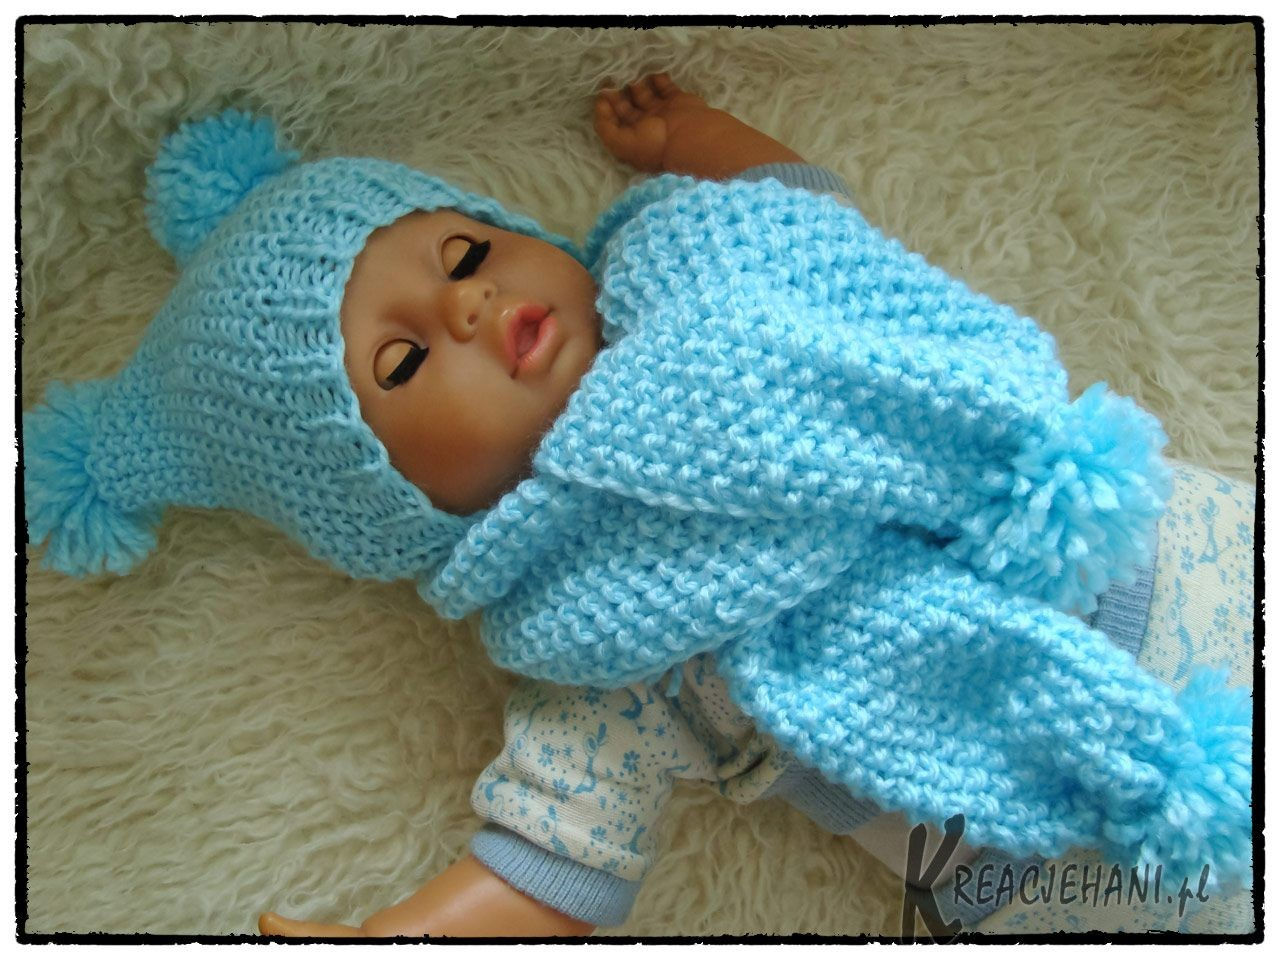 Oryginał Czapeczka i szalik dla niemowlaka | Kreacje Hani ID85